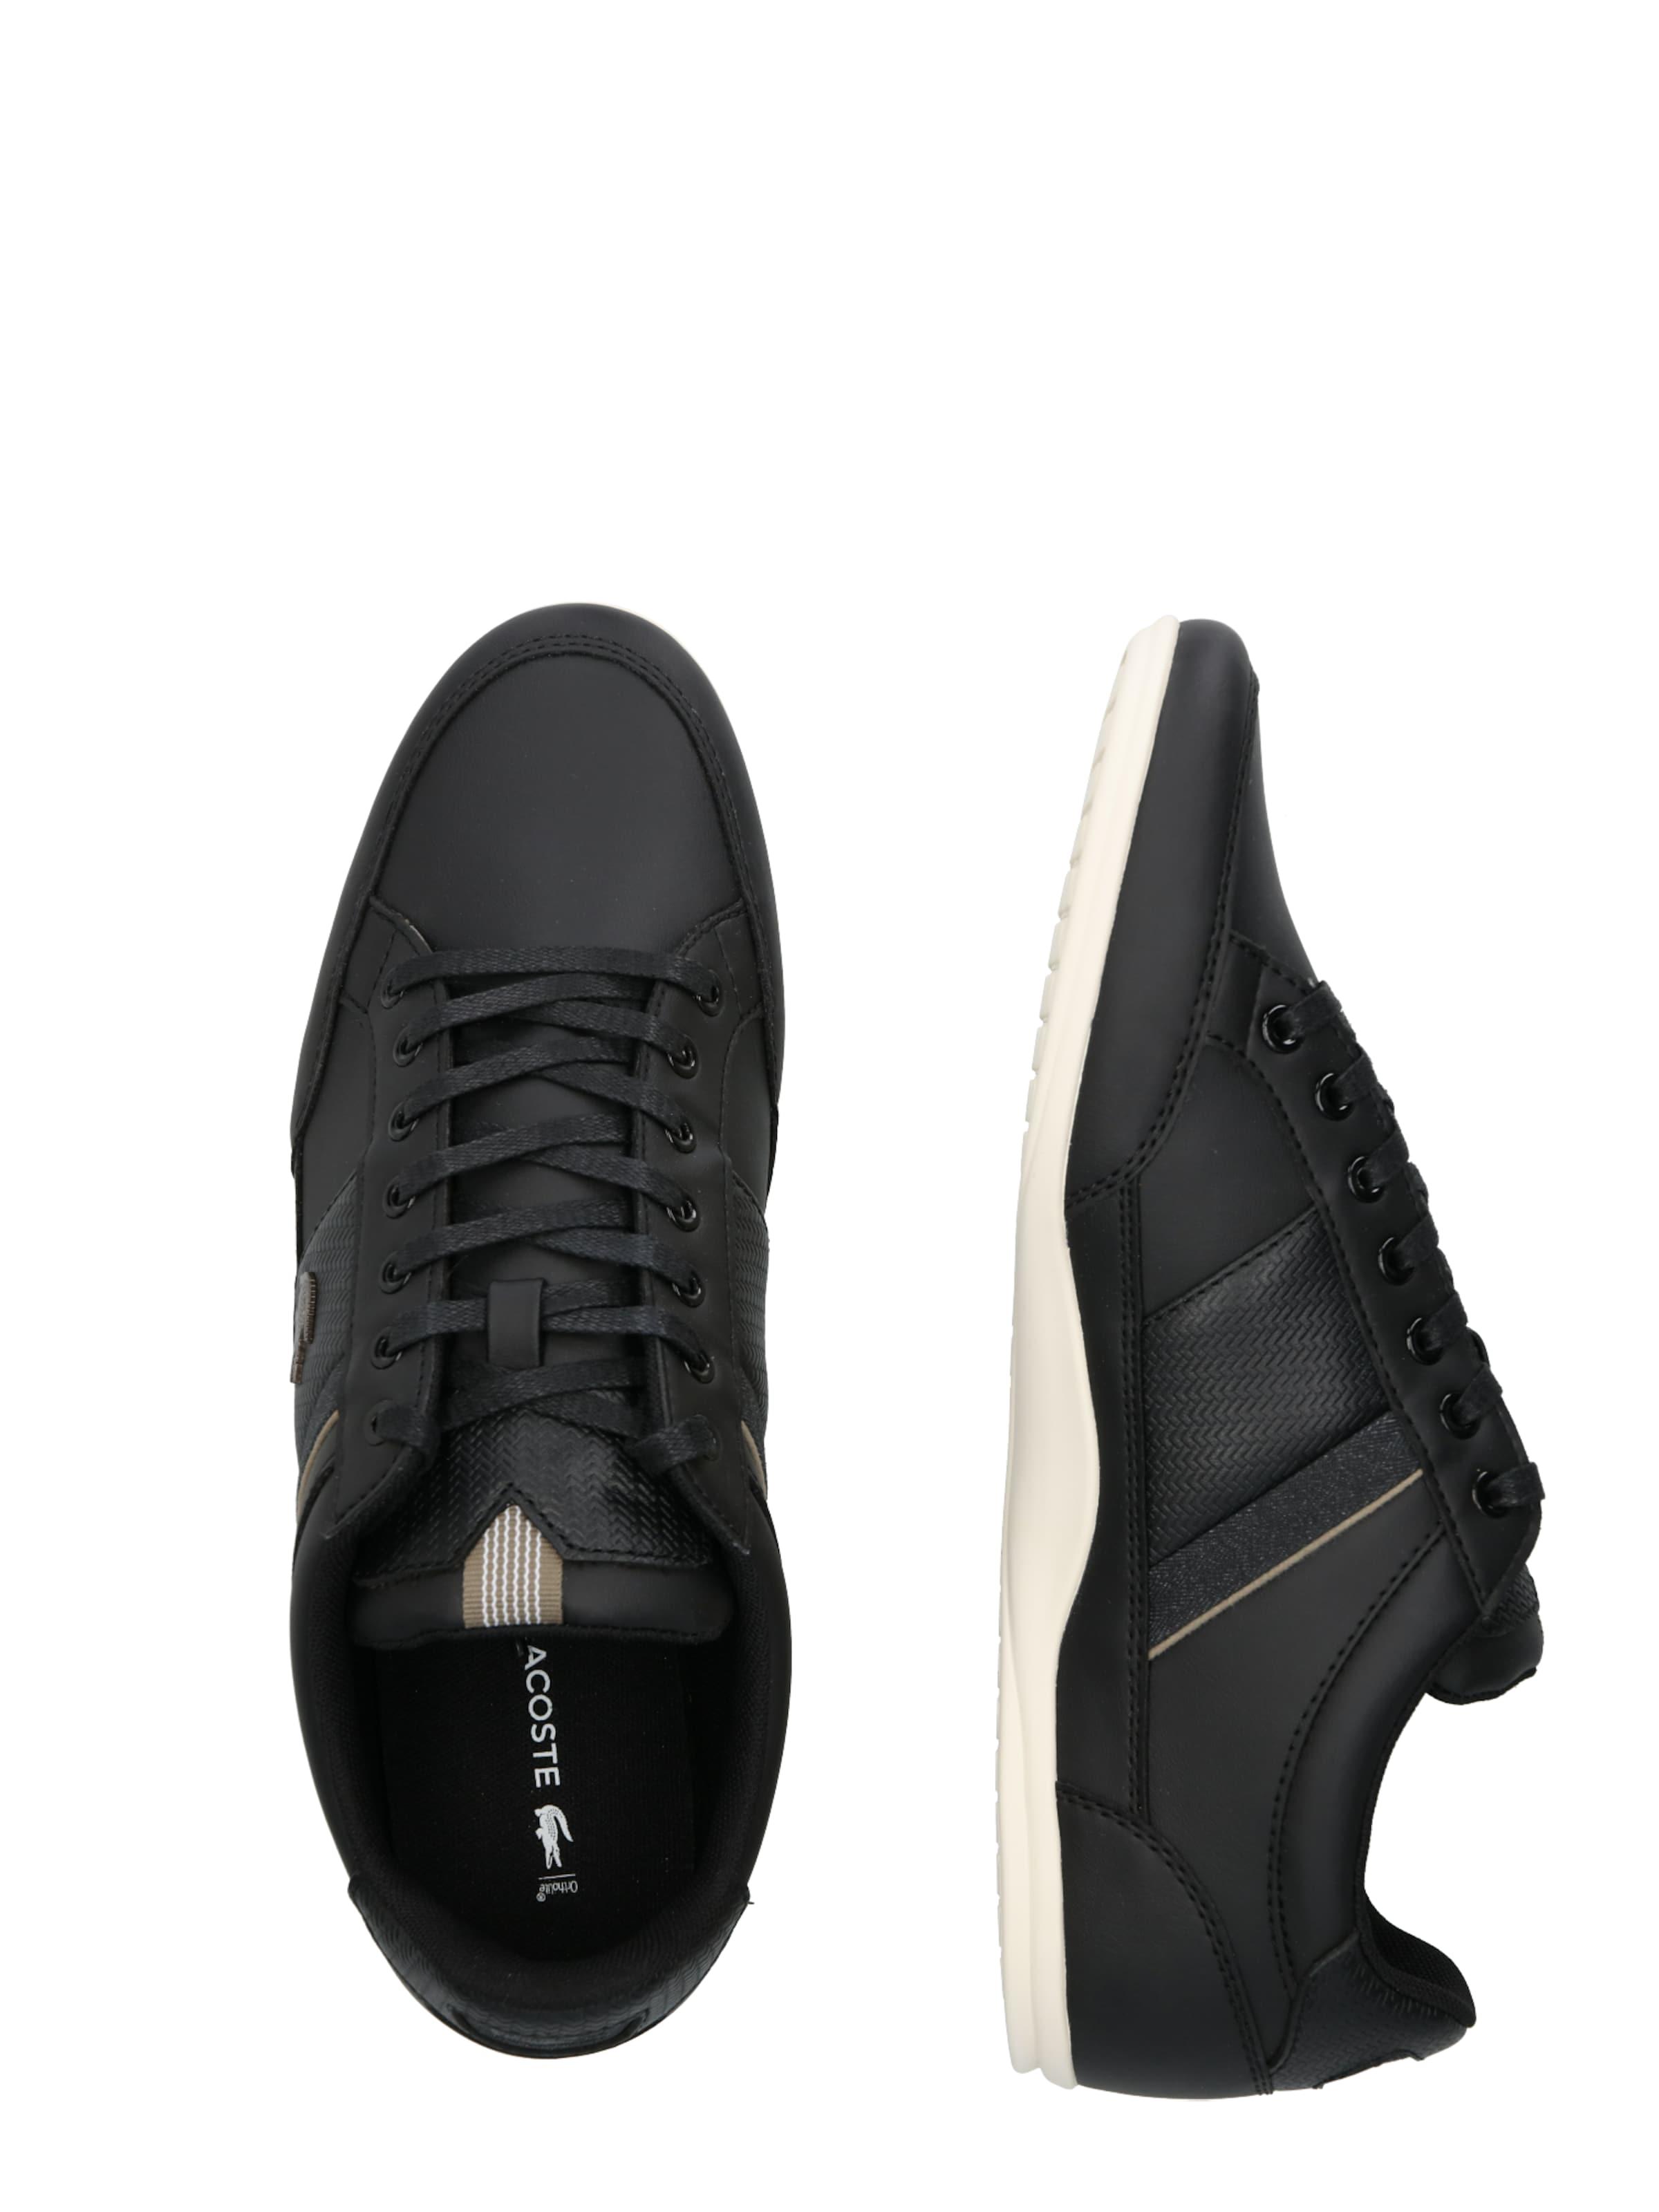 Lacoste 319 1 Sneaker Cma' 'chaymon Schwarz In O8n0PXwk